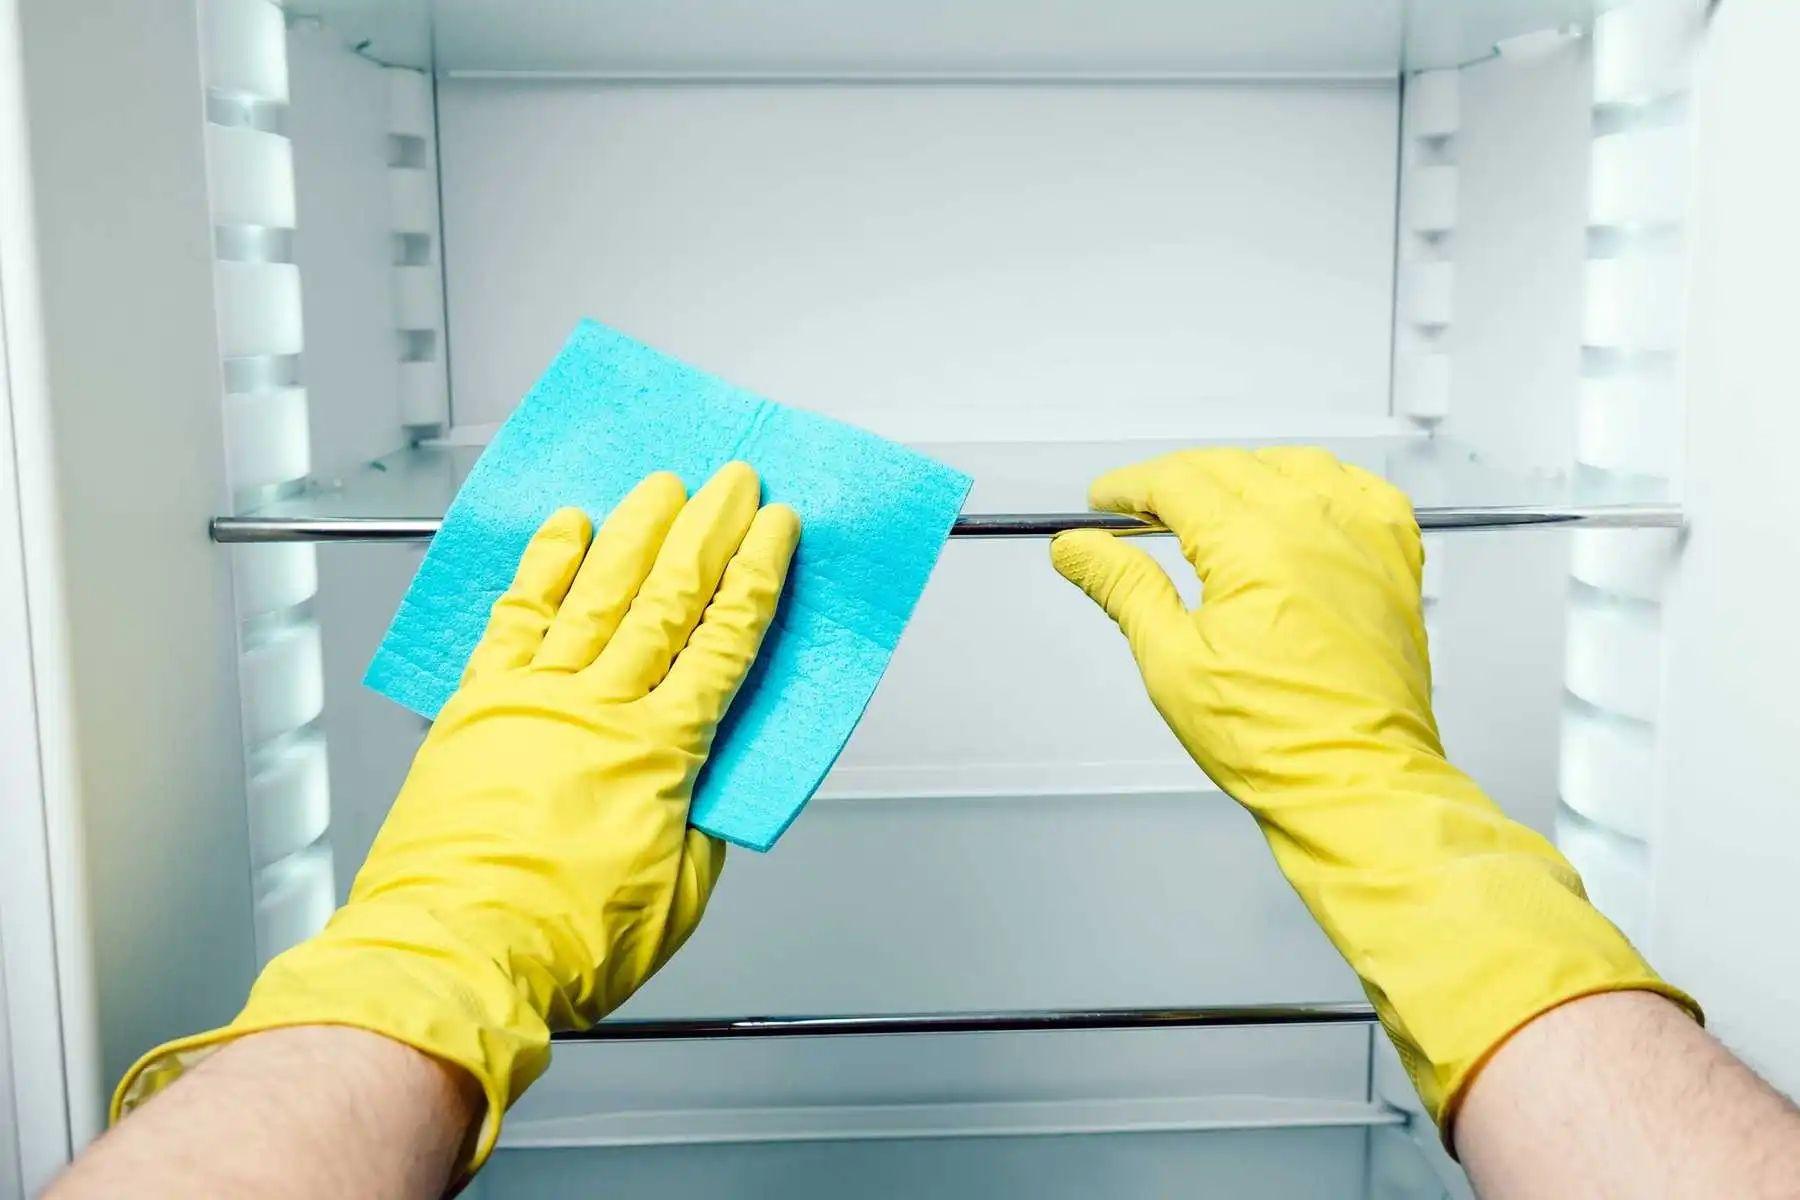 Vệ sinh tủ lạnh sạch sẽ bằng baking soda | Cleanipedia